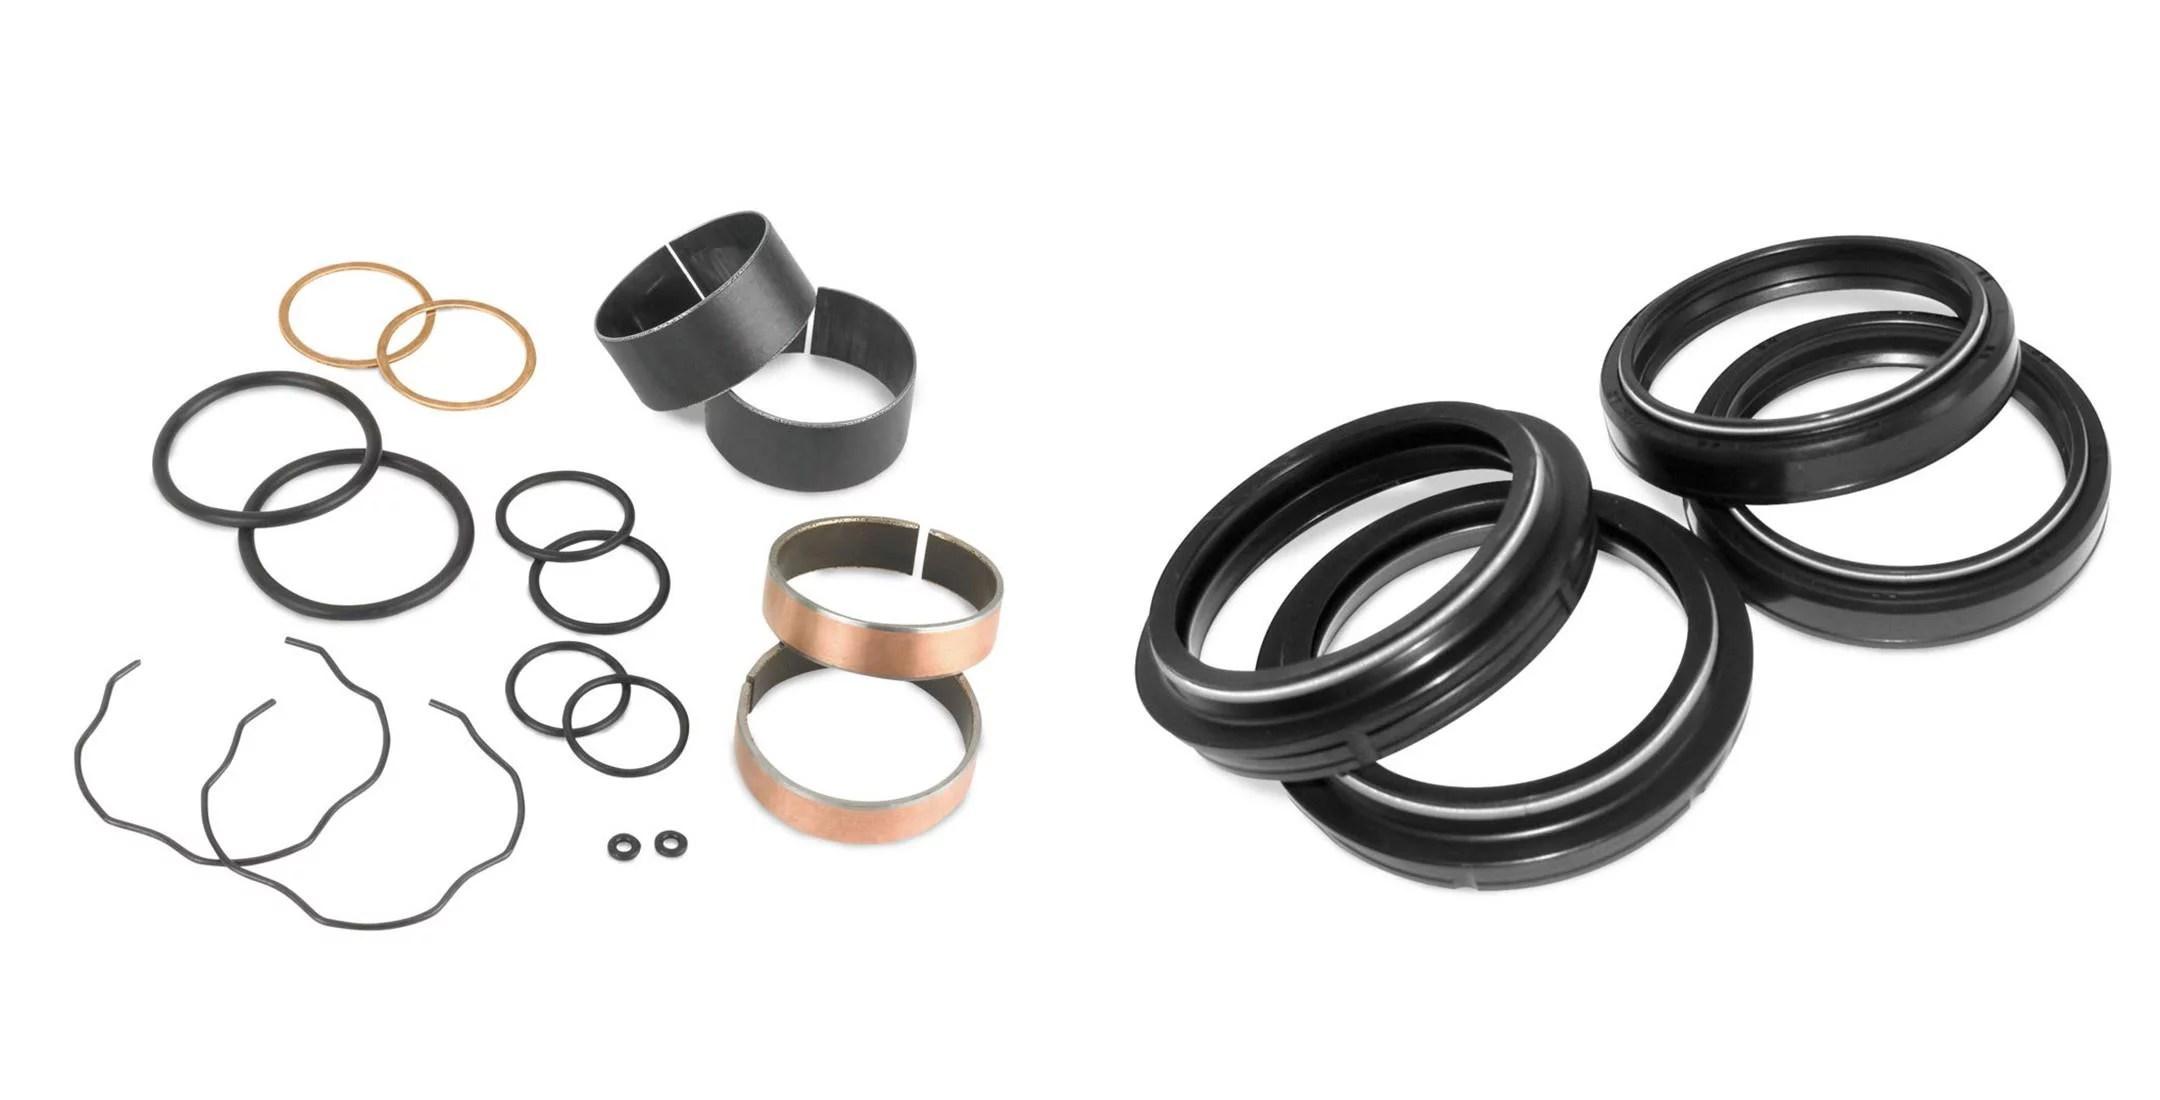 Msr Fork Bushing With Oil Amp Dust Seals Kit For Honda